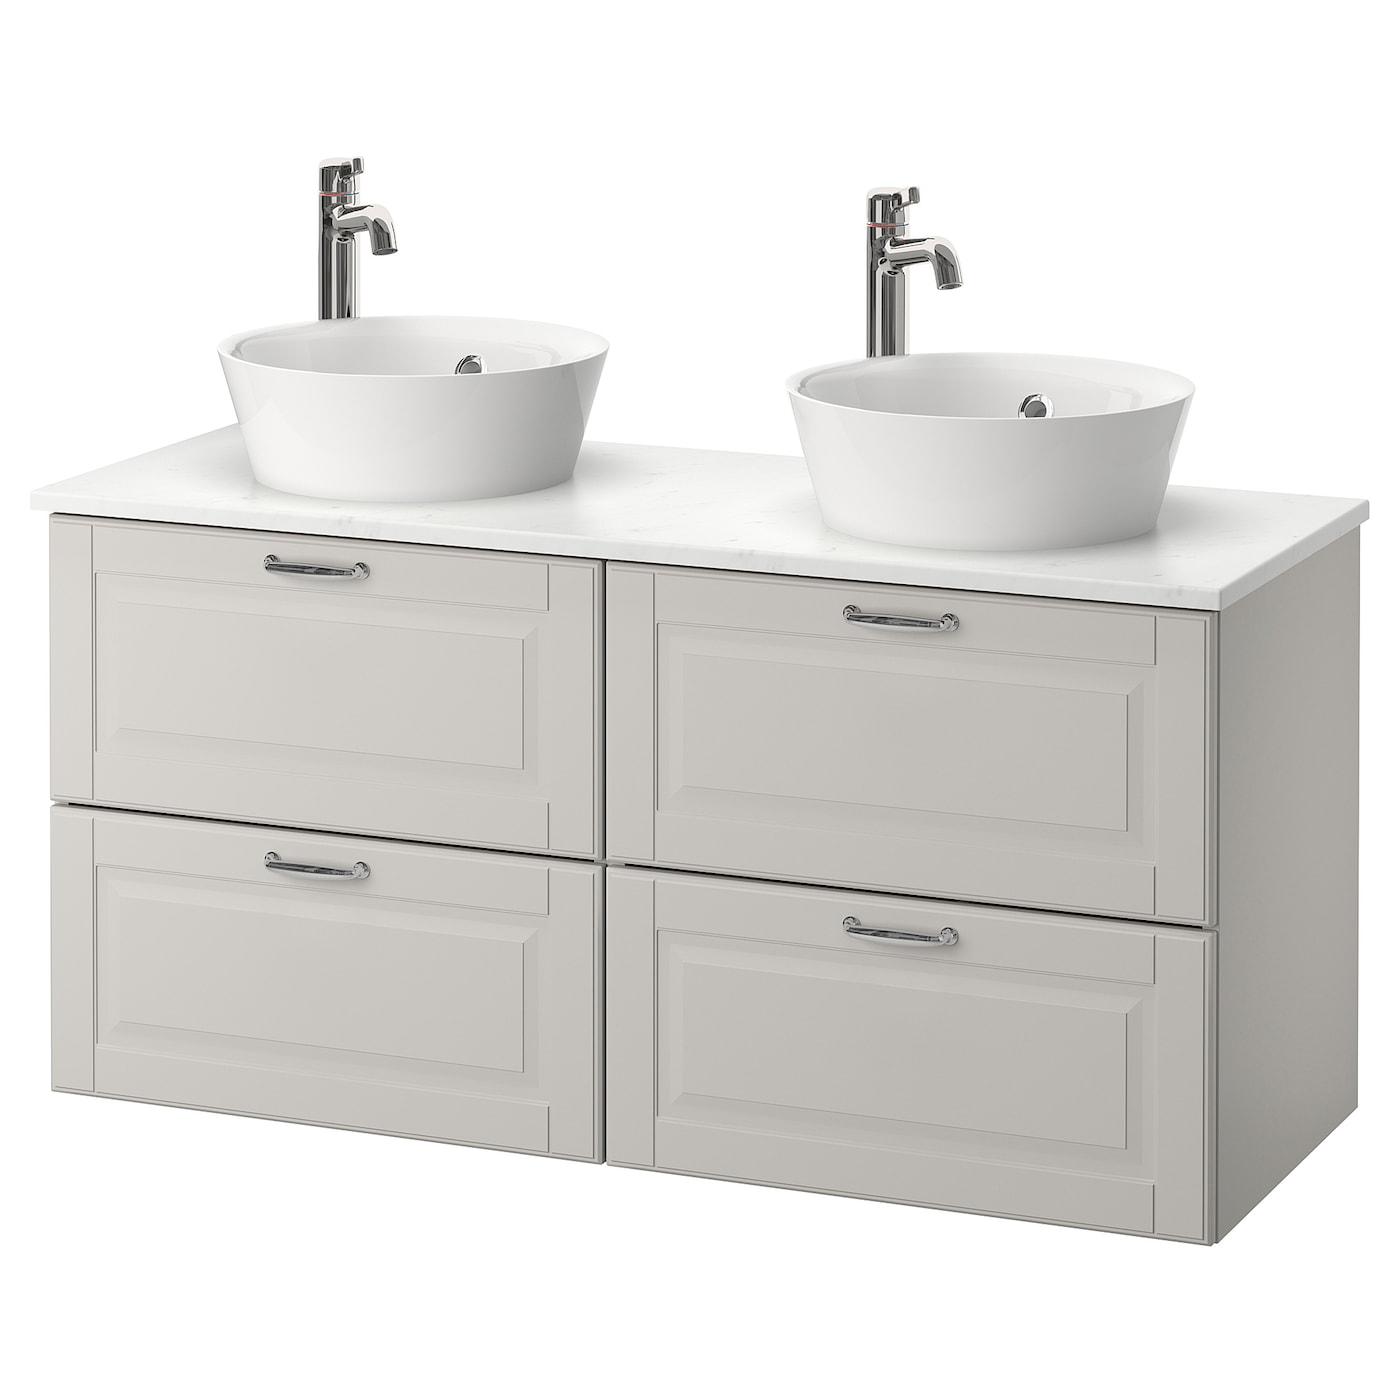 Armarios y muebles para lavabo compra online ikea for Mueble lavabo pedestal ikea